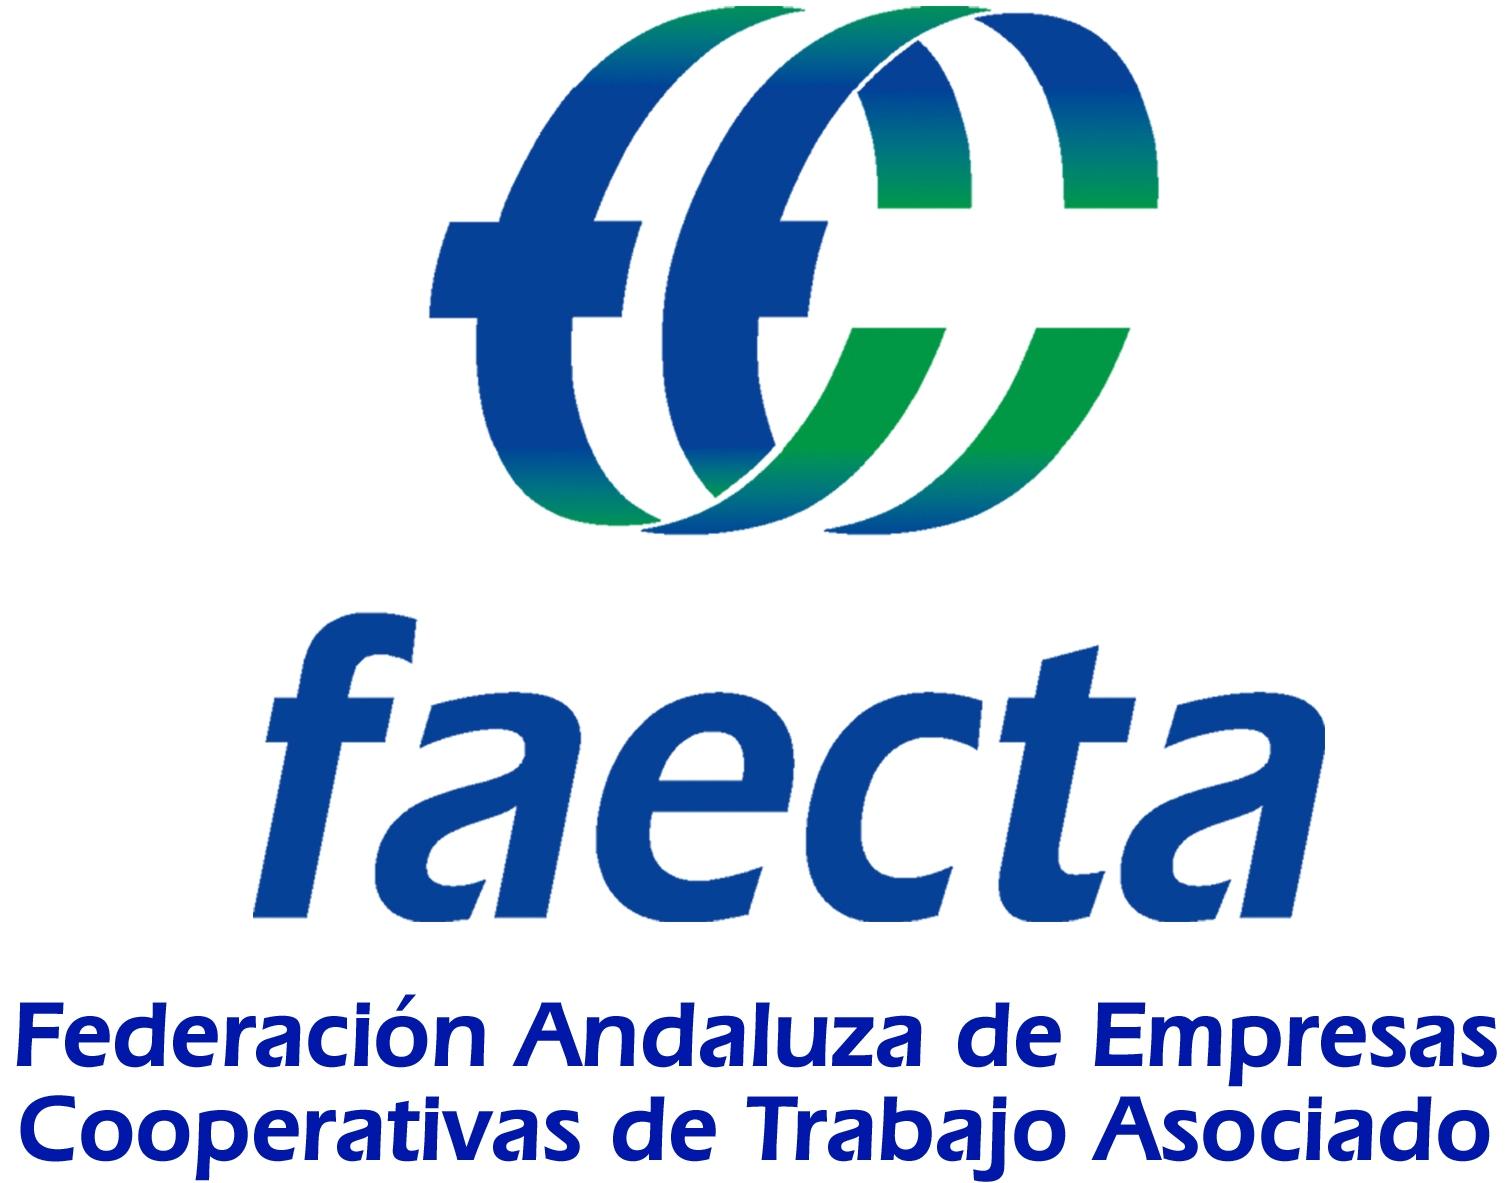 Logotipo FAECTA Granada - Cooperativas Asociadas